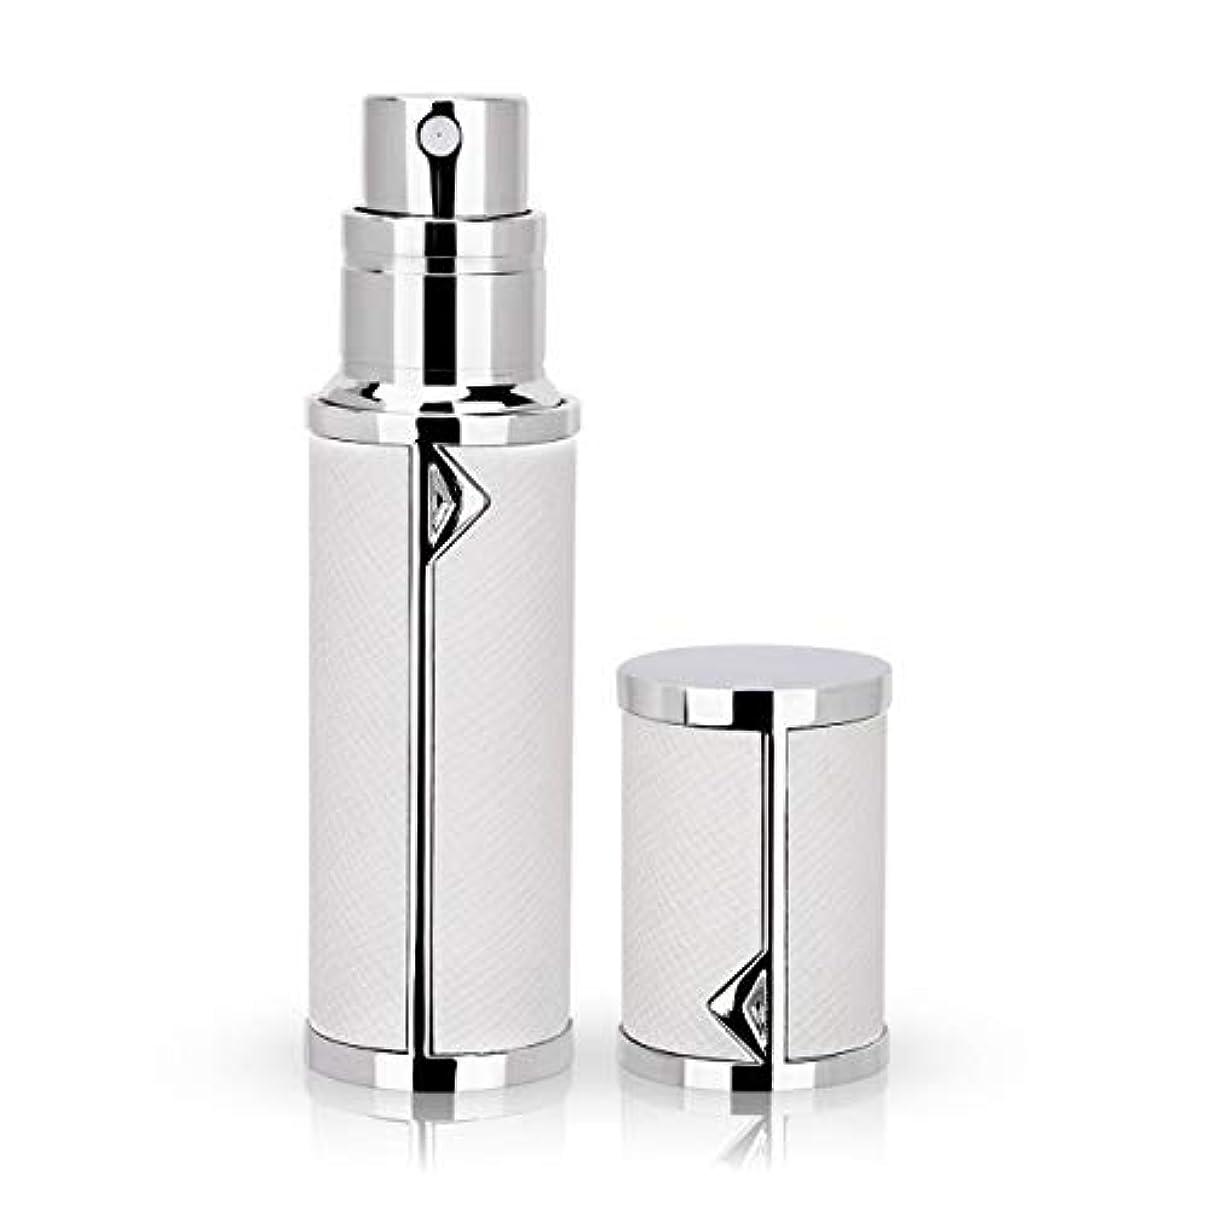 ネックレット加入講堂アトマイザー 香水アトマイザー 詰め替え Louischanzl 香水噴霧器 2-2.5mm径 5ml PUレザー レディース メンズ (白いWhite)